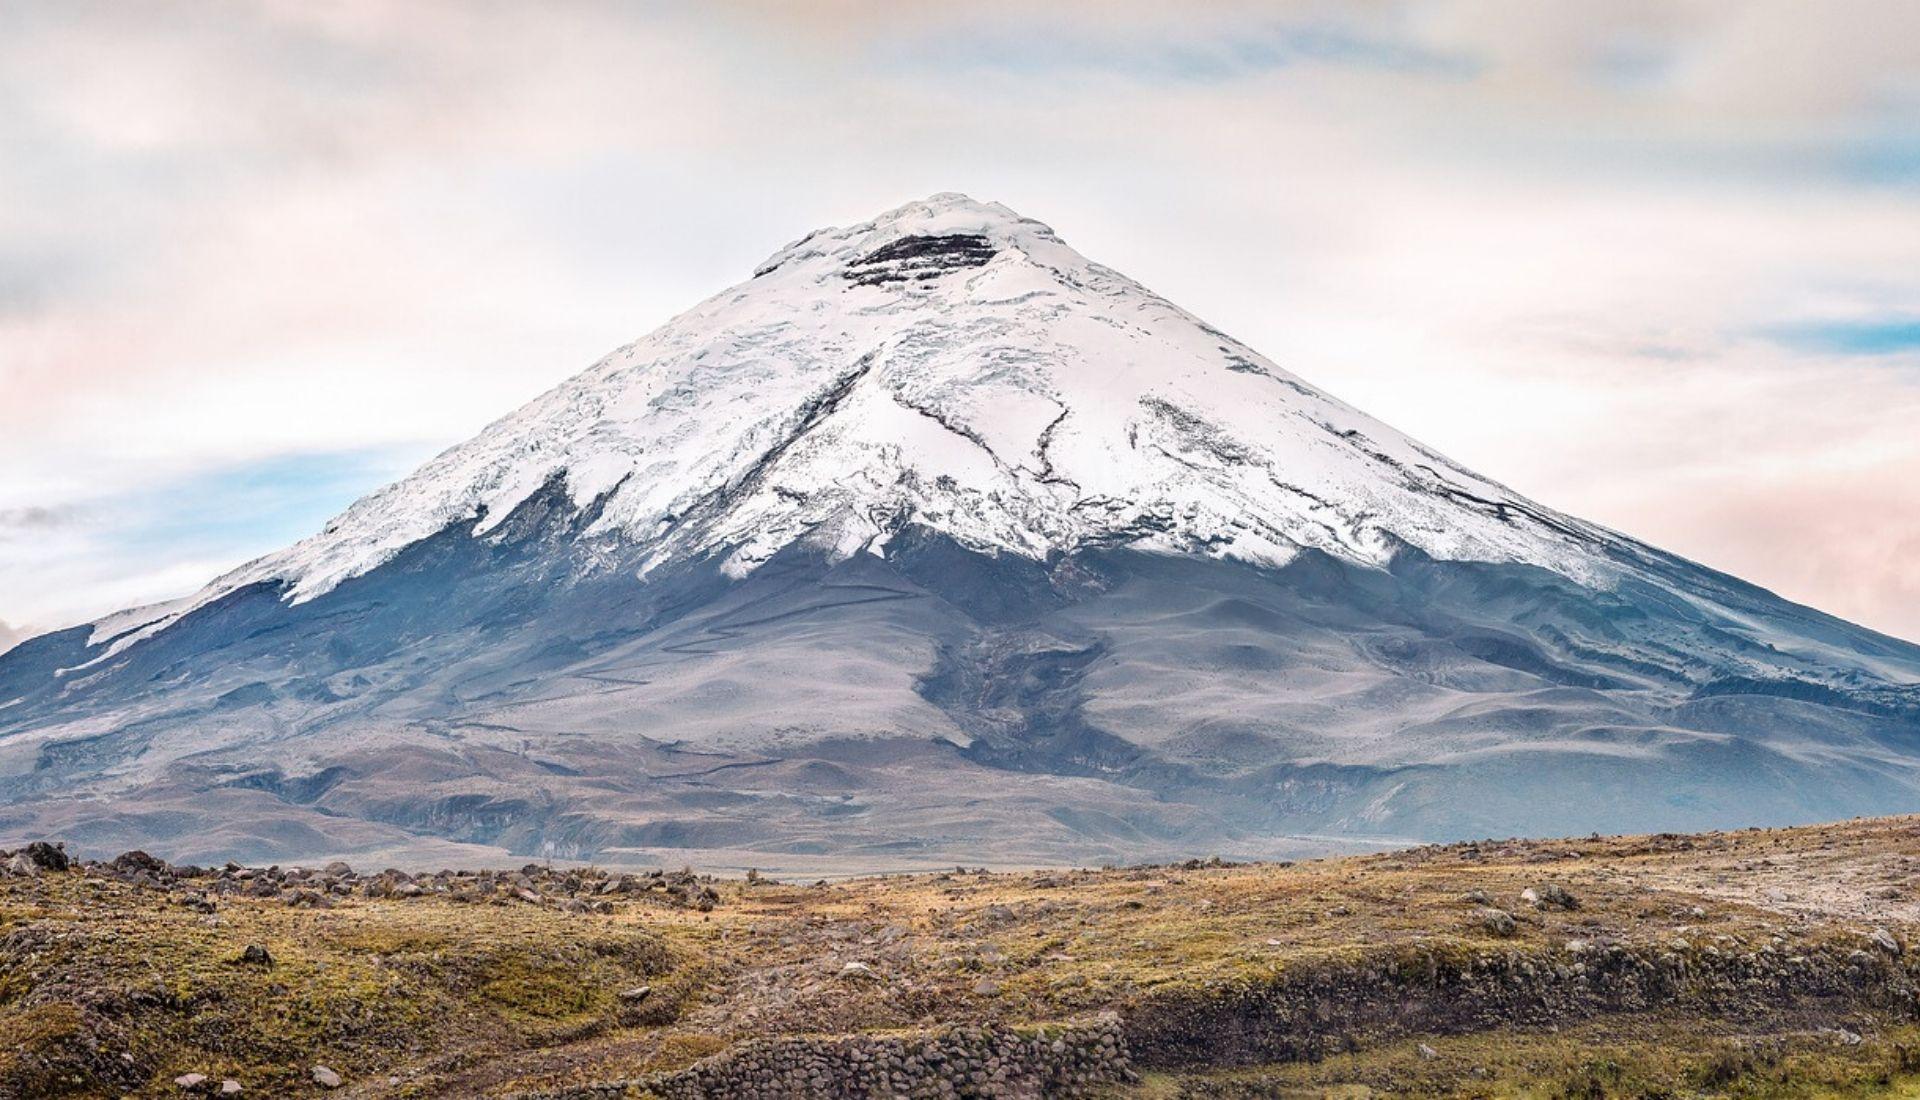 Cotopaxi Volcano - Ecuador Vacation Travel Guide